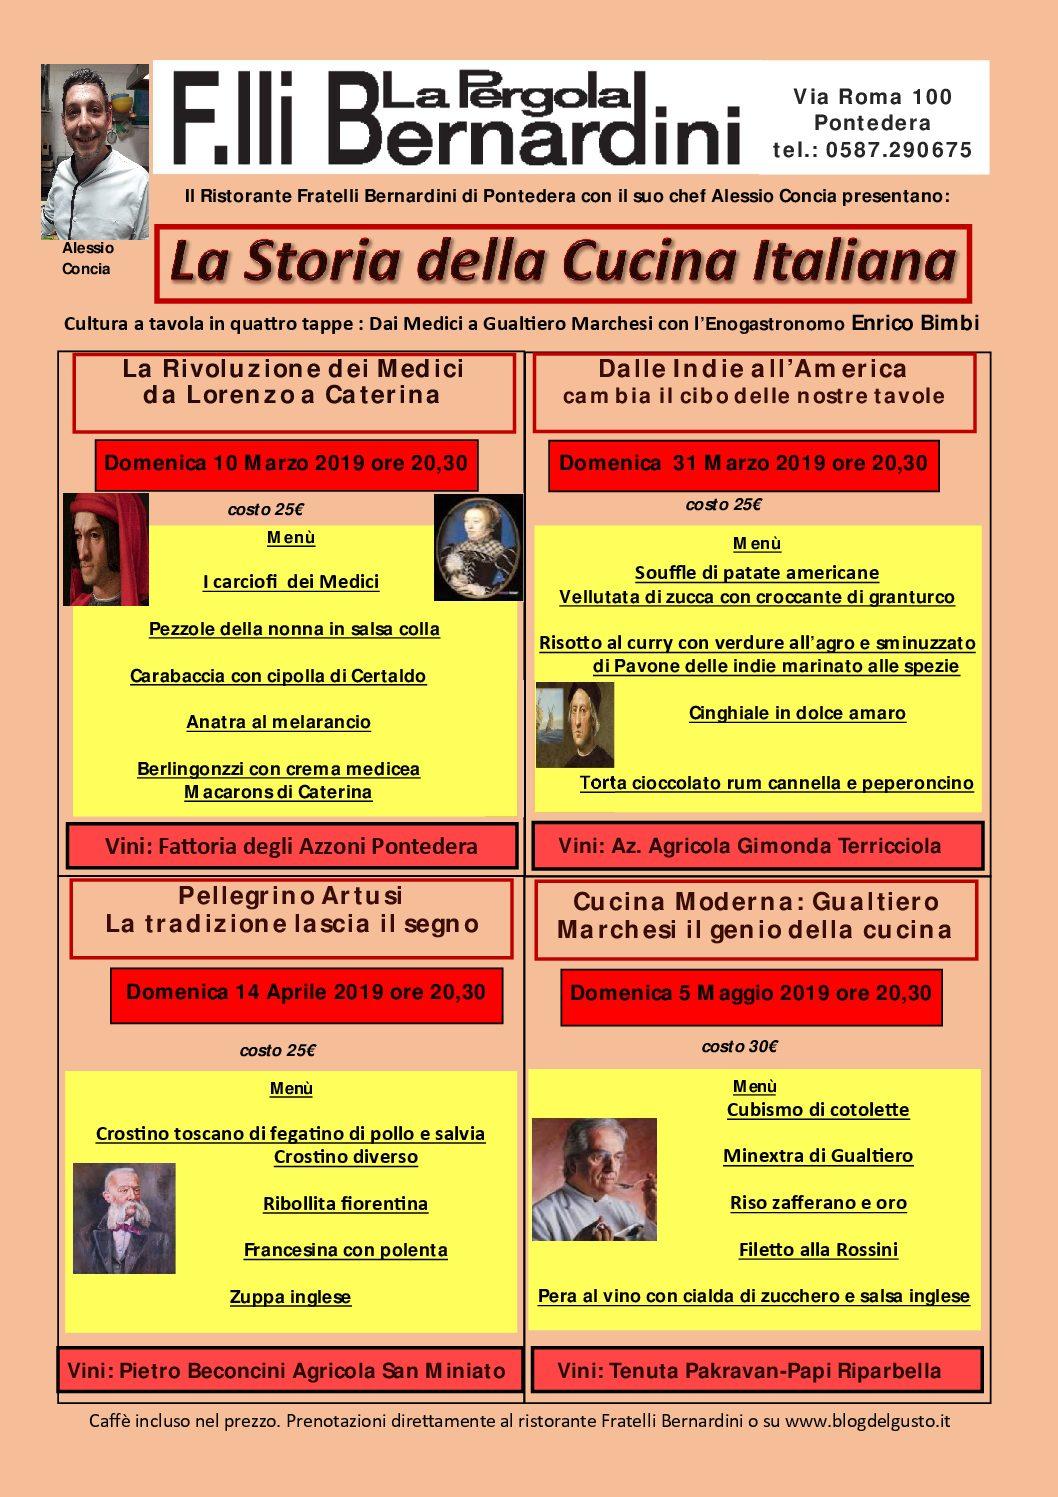 A cena con Pellegrino Artusi nella III tappa della storia della Cucina Italiana dai Fratelli Bernardini vini Pietro Beconcini